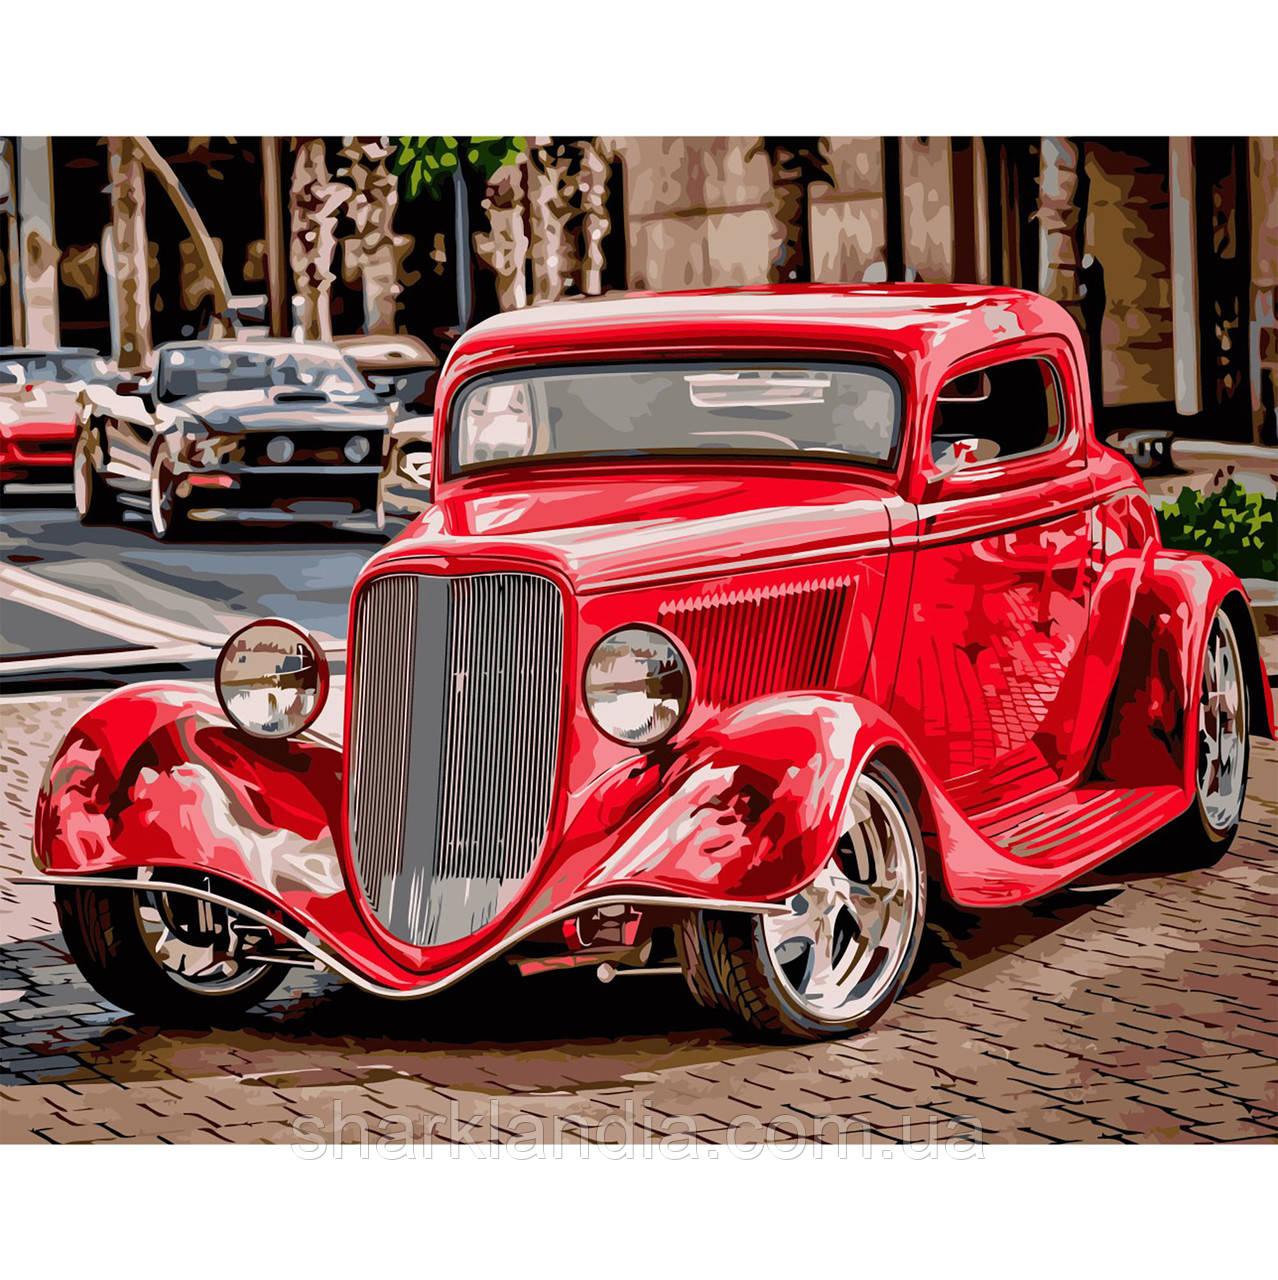 Картина по номерам Красный ретро автомобиль 40х50см Strateg Раскраска по цифрам